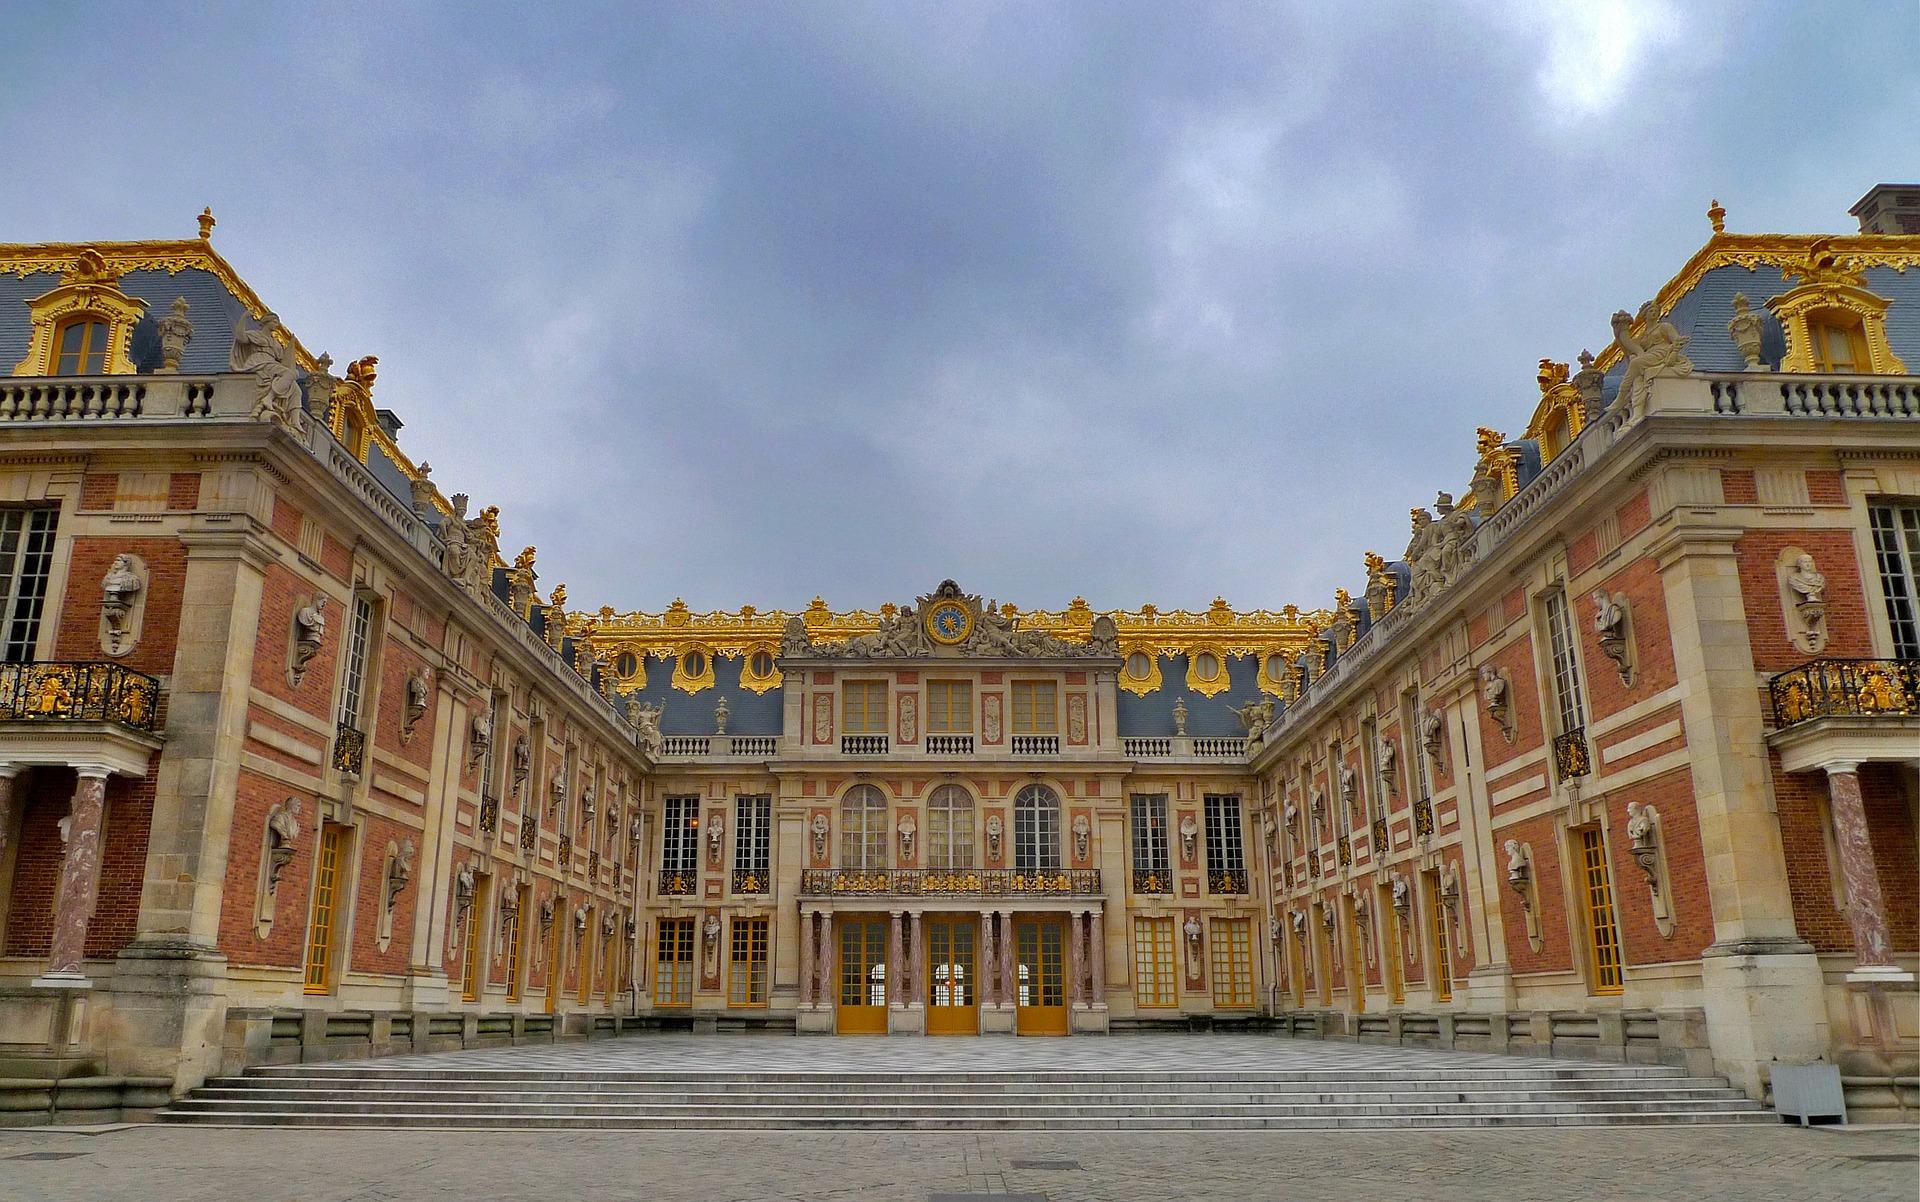 Quali sono le differenze fra la Reggia di Caserta e la Reggia di Versailles